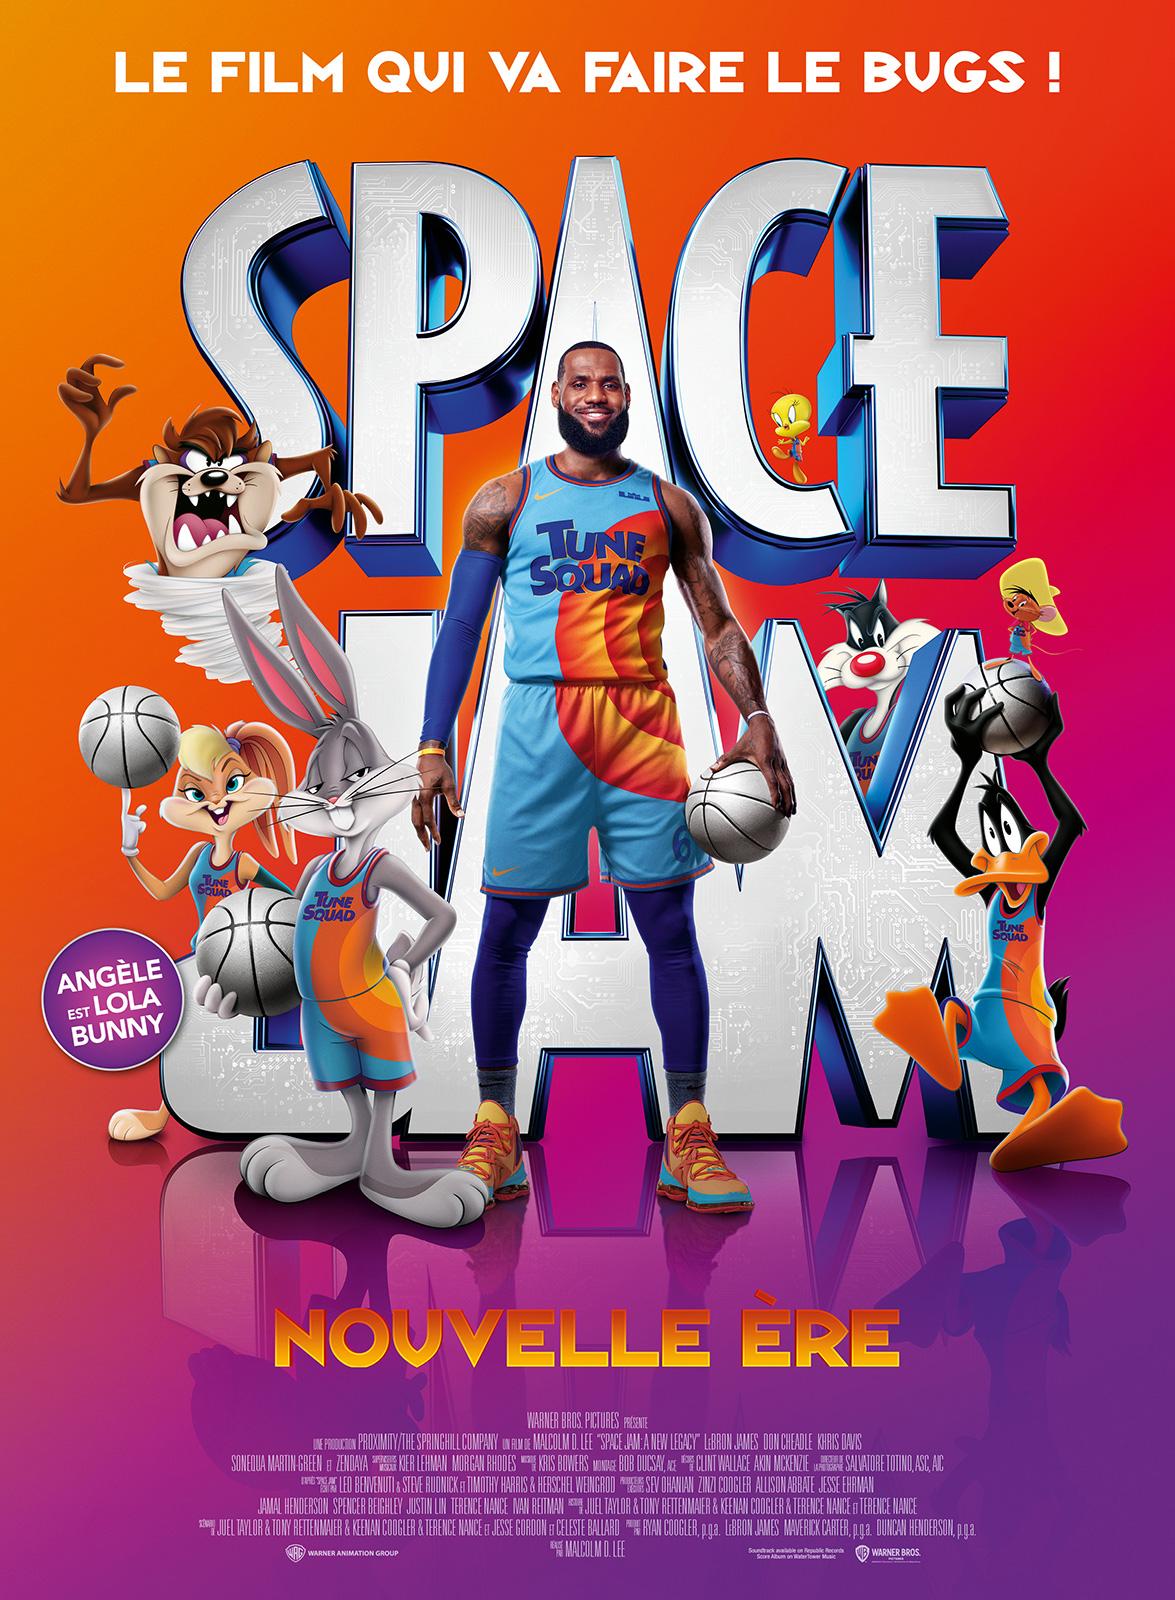 Space Jam - Nouvelle ère